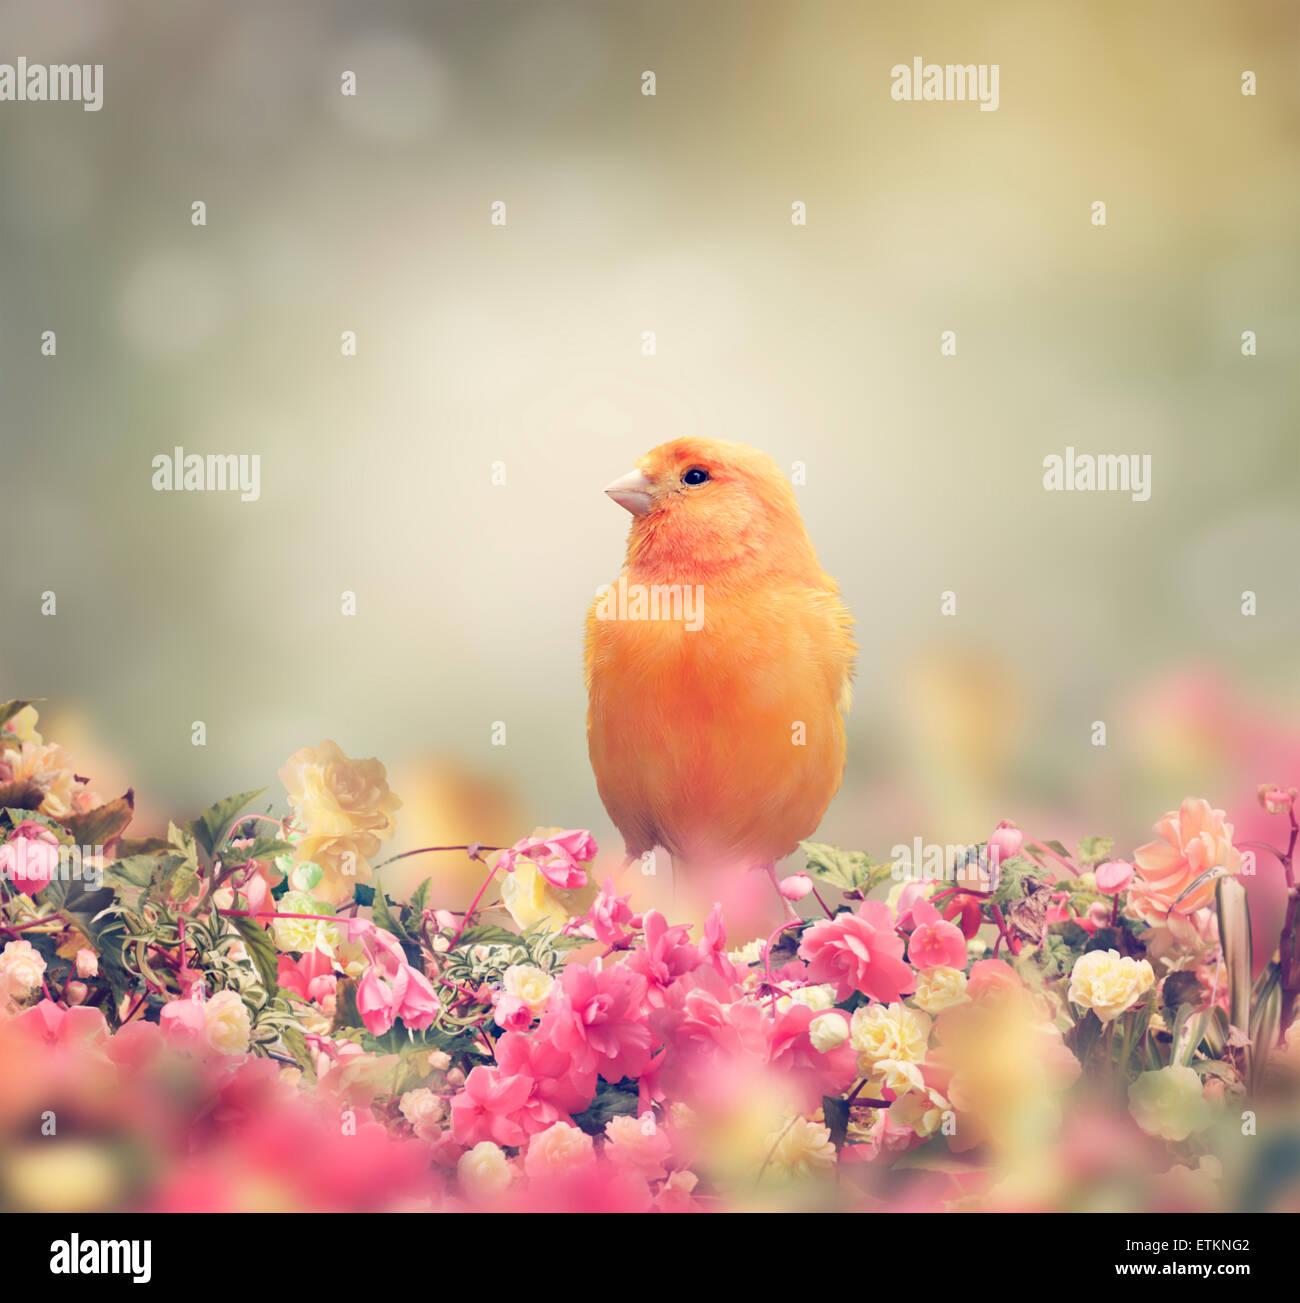 Yellow Bird perchas en jardín de flores Imagen De Stock